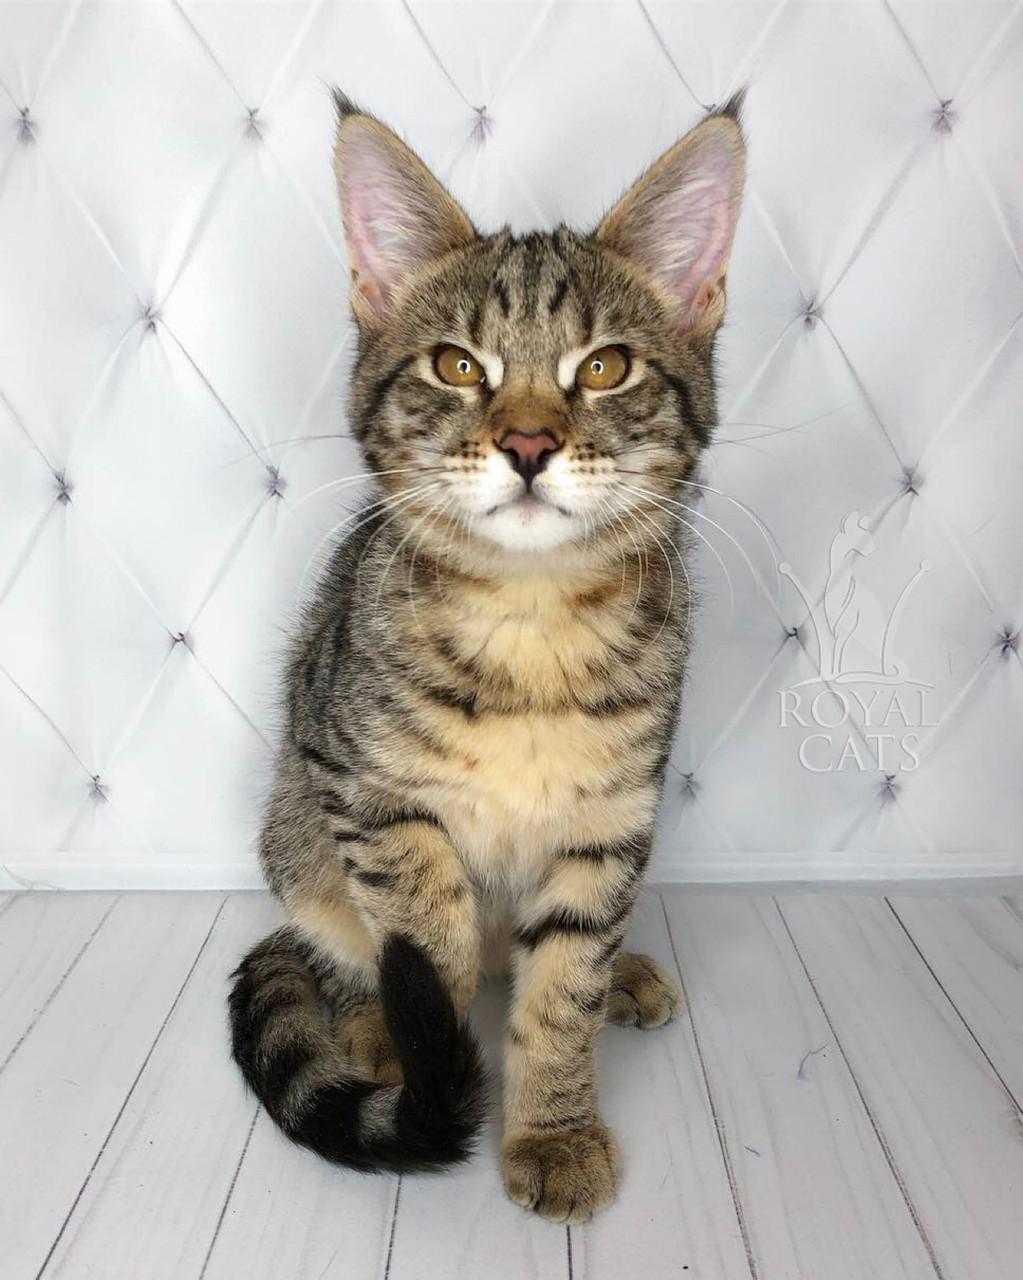 Кошечка Чаузи Ф2 питомника Royal Cats. Девочка 11.07.18.